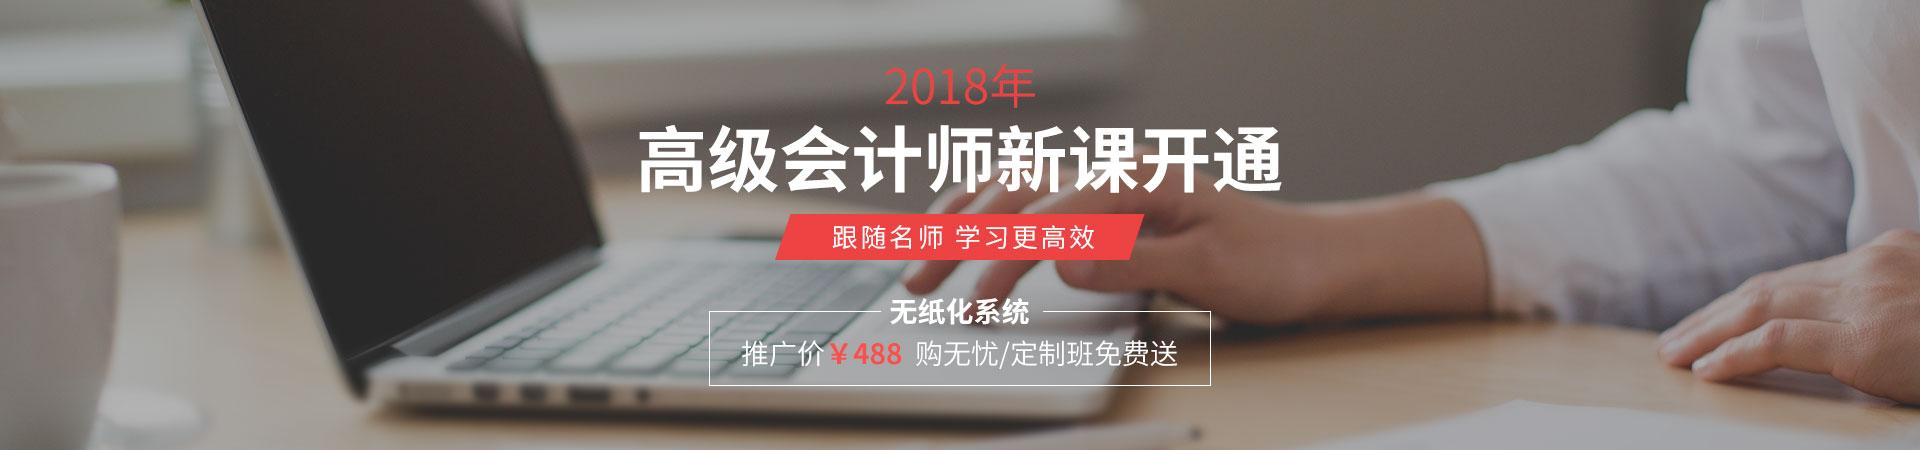 中华会计网高级会计师考试